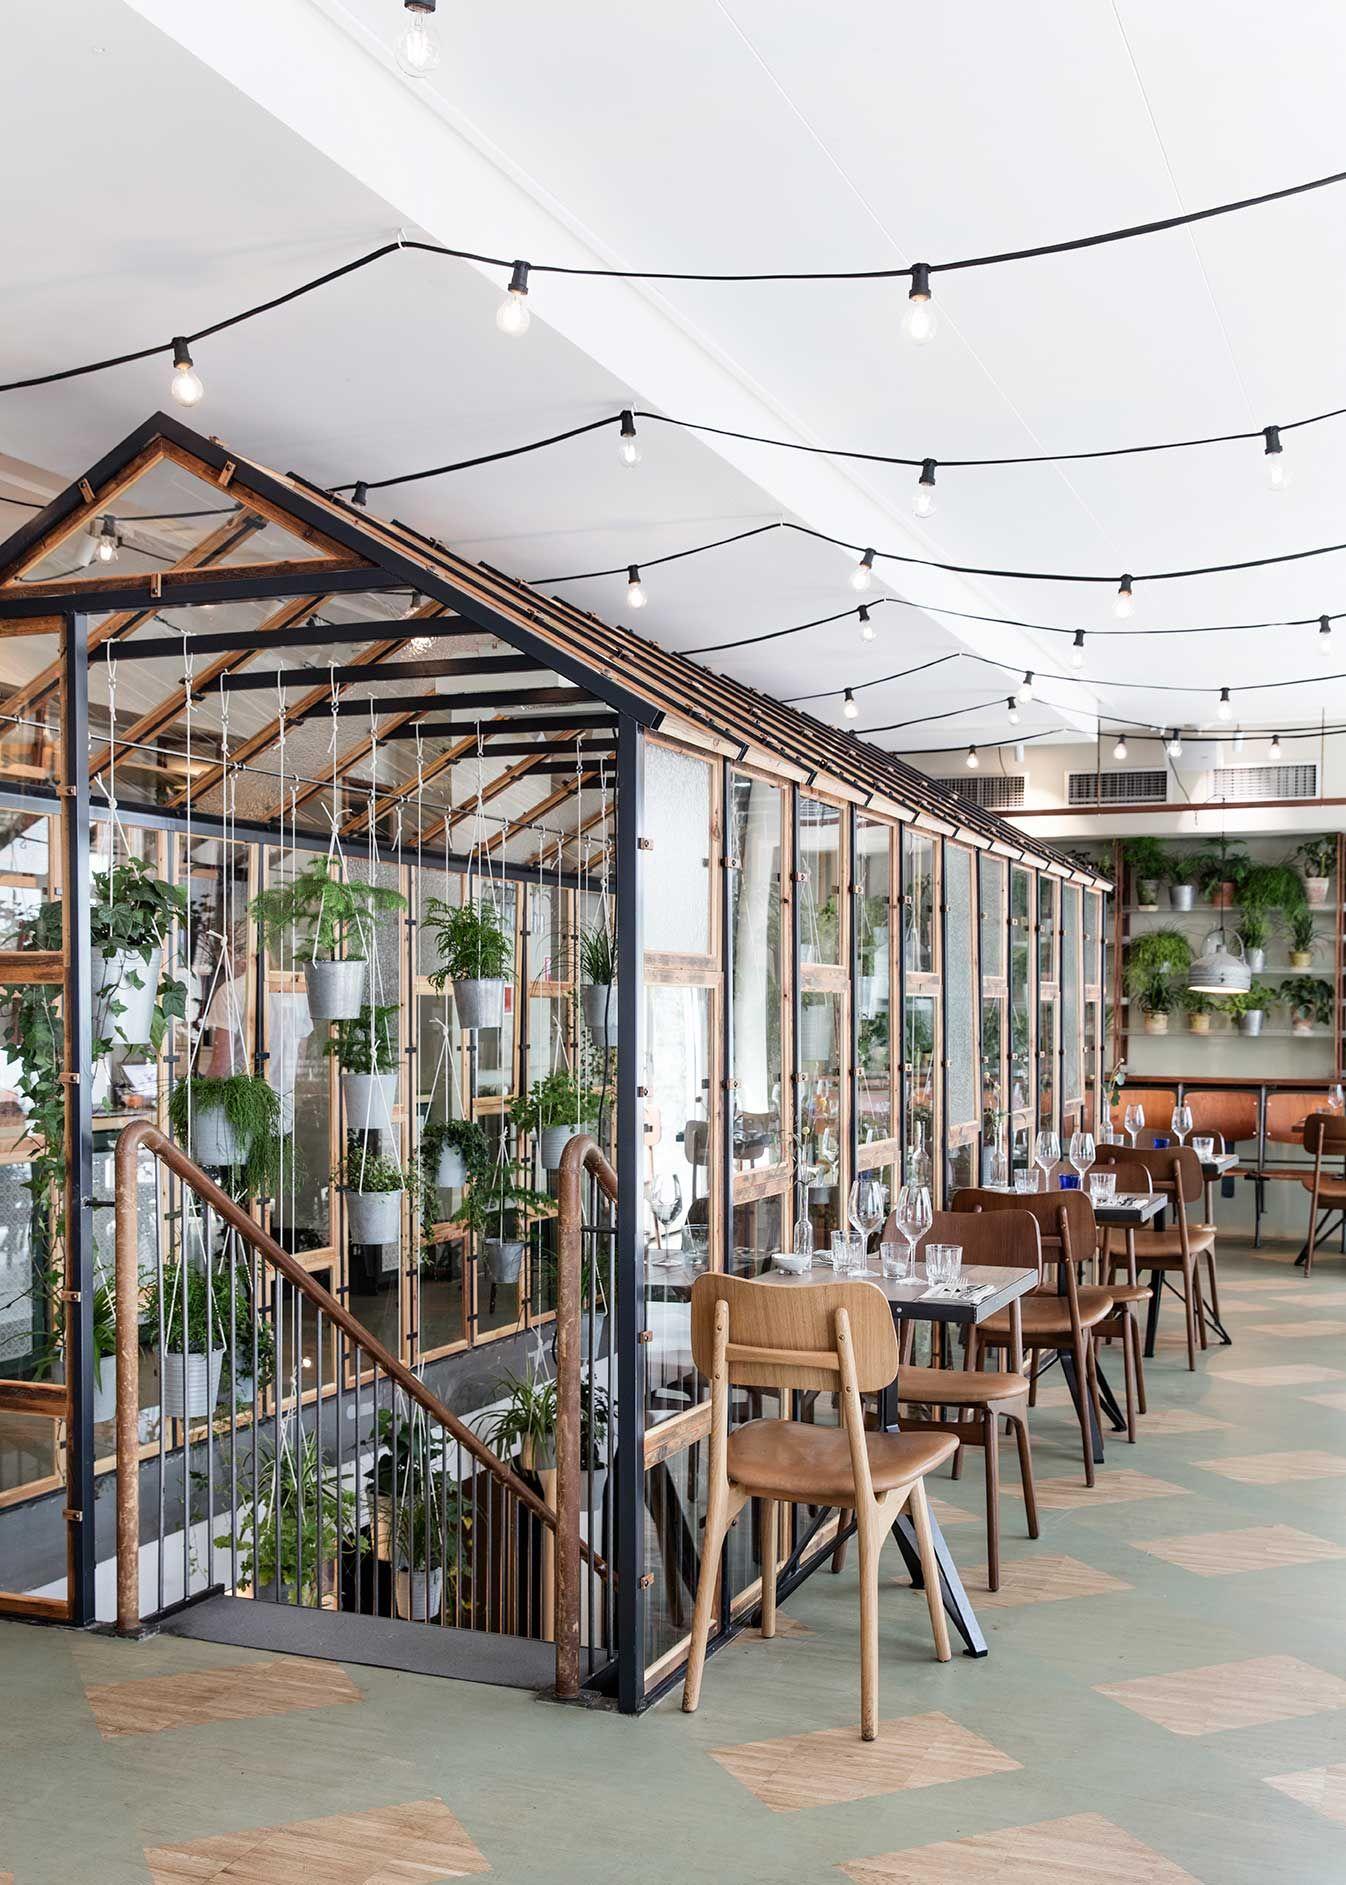 Danish Design Studio Genbyg Has Created An Indoor Greenhouse For A Nordic Restaurant In Copenhagen Called Vkst